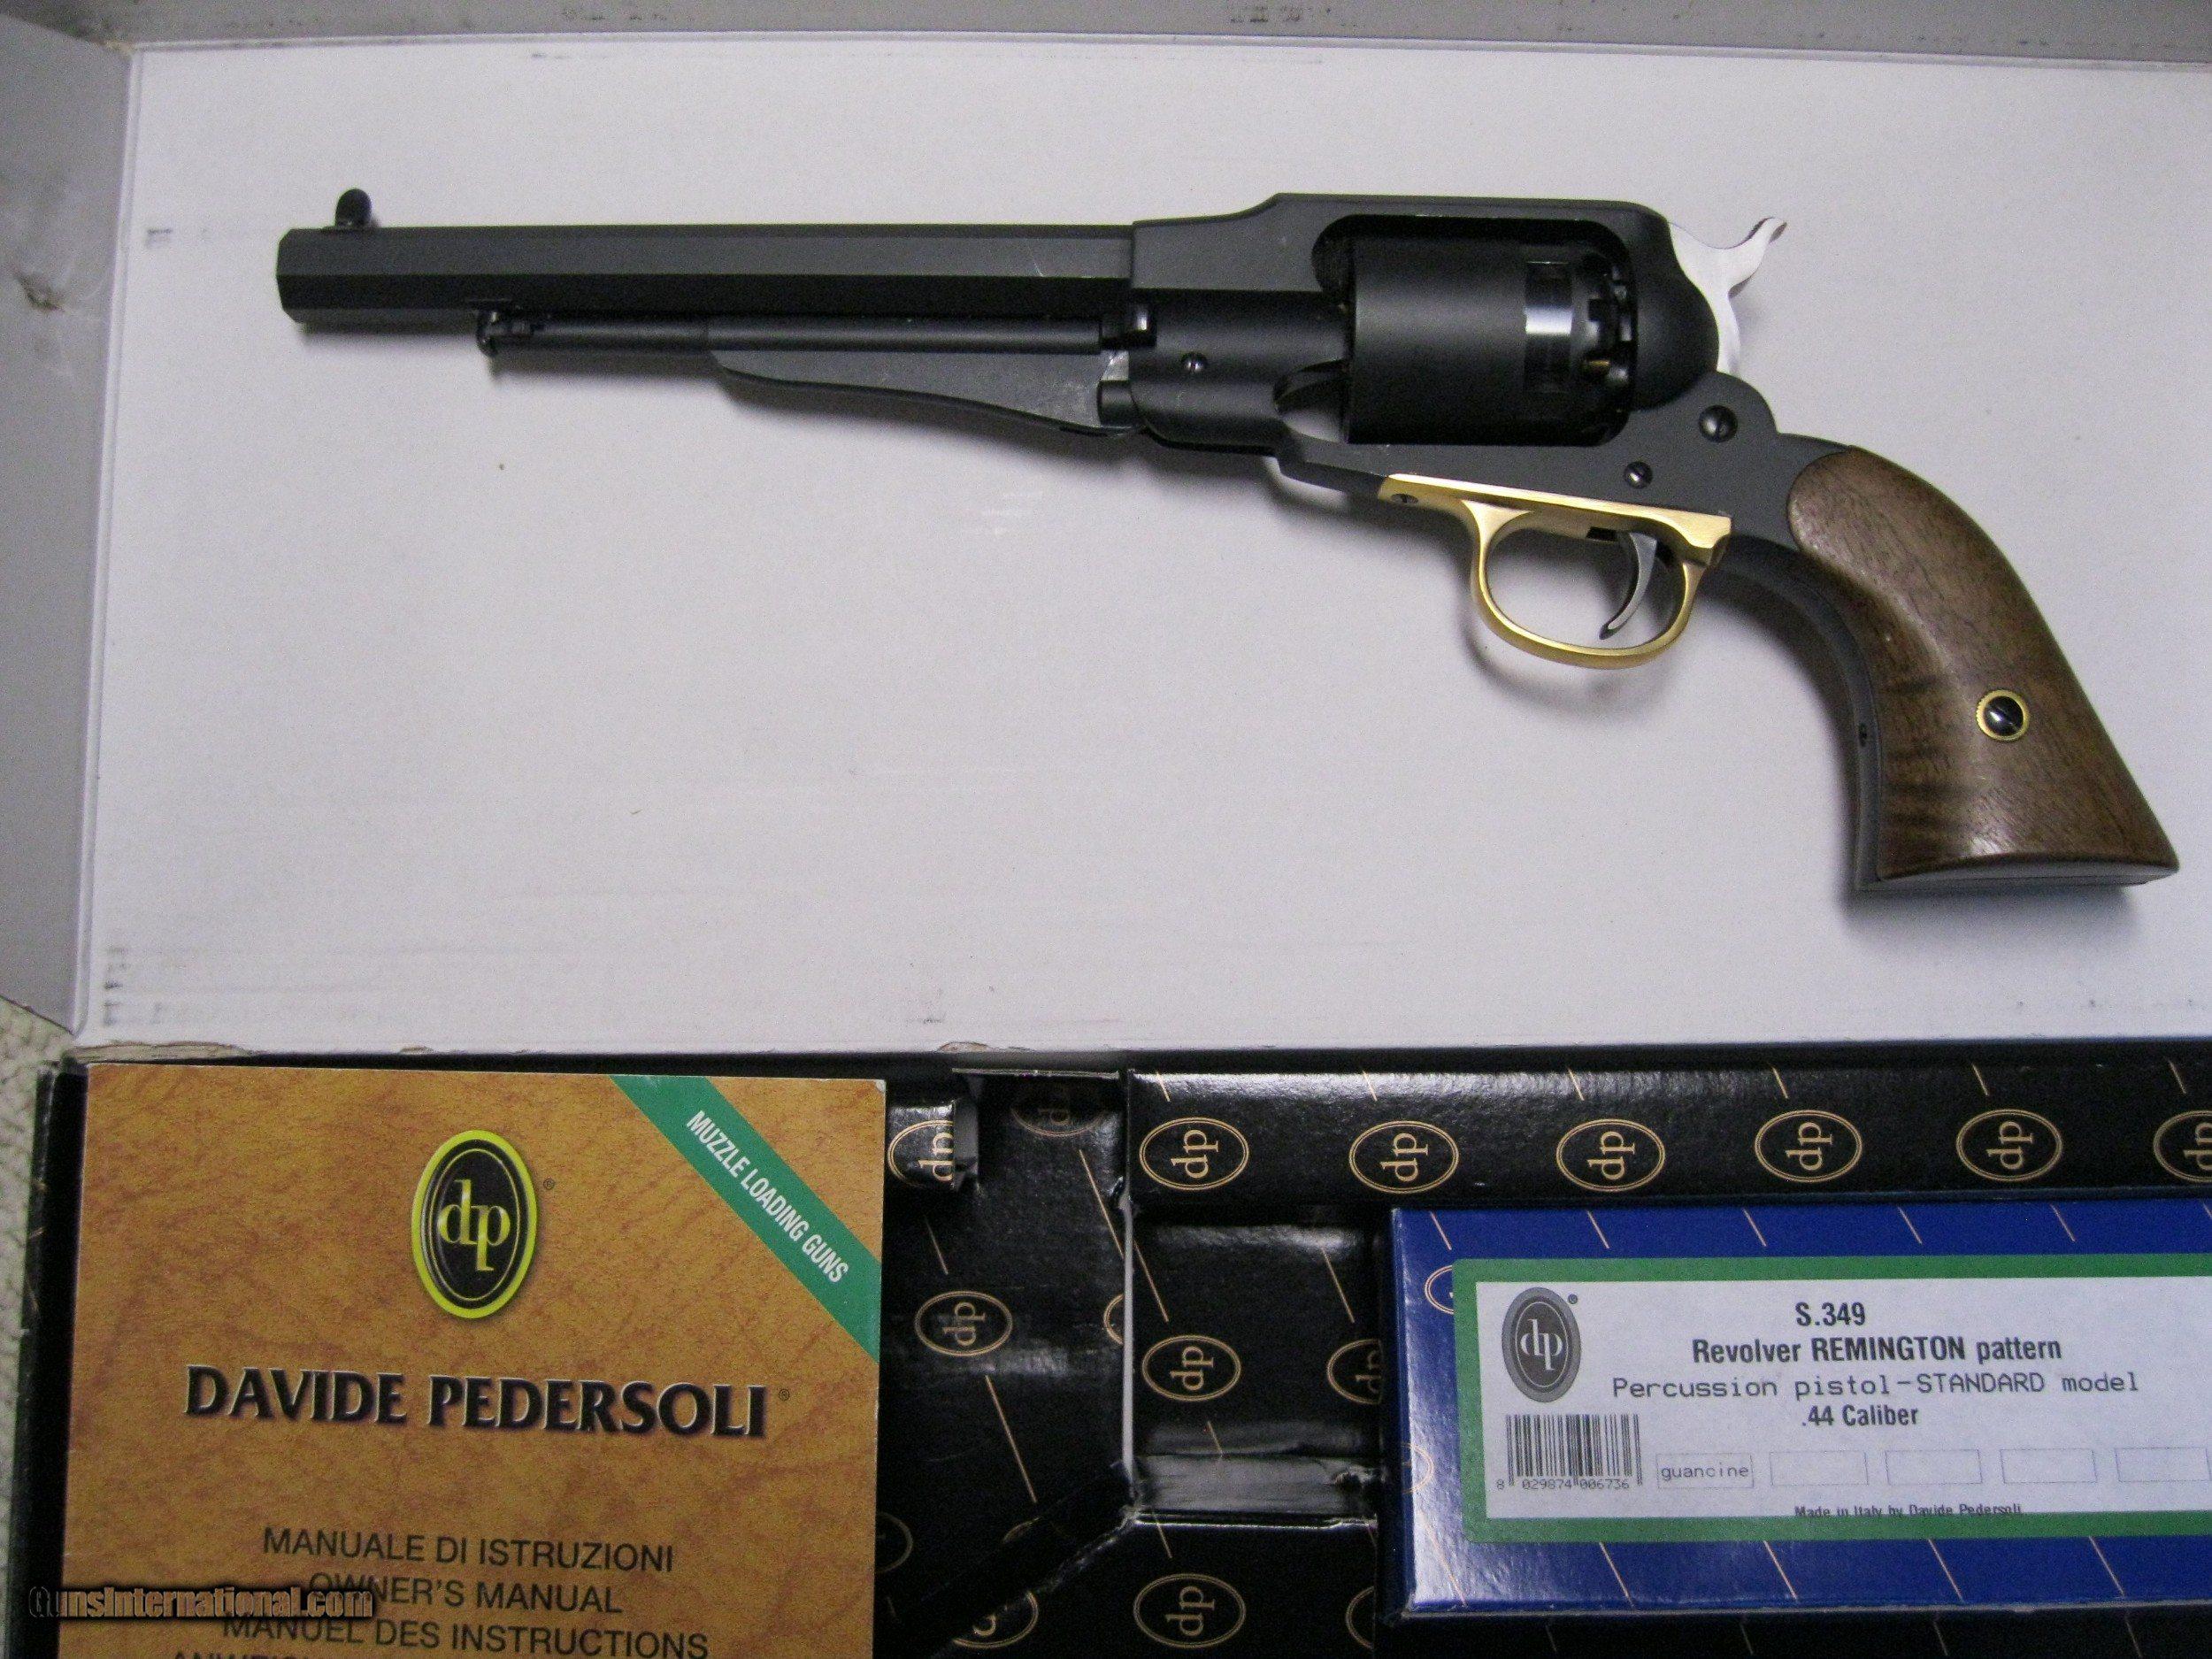 Pedersoli 1858 Remington Competition Revolver